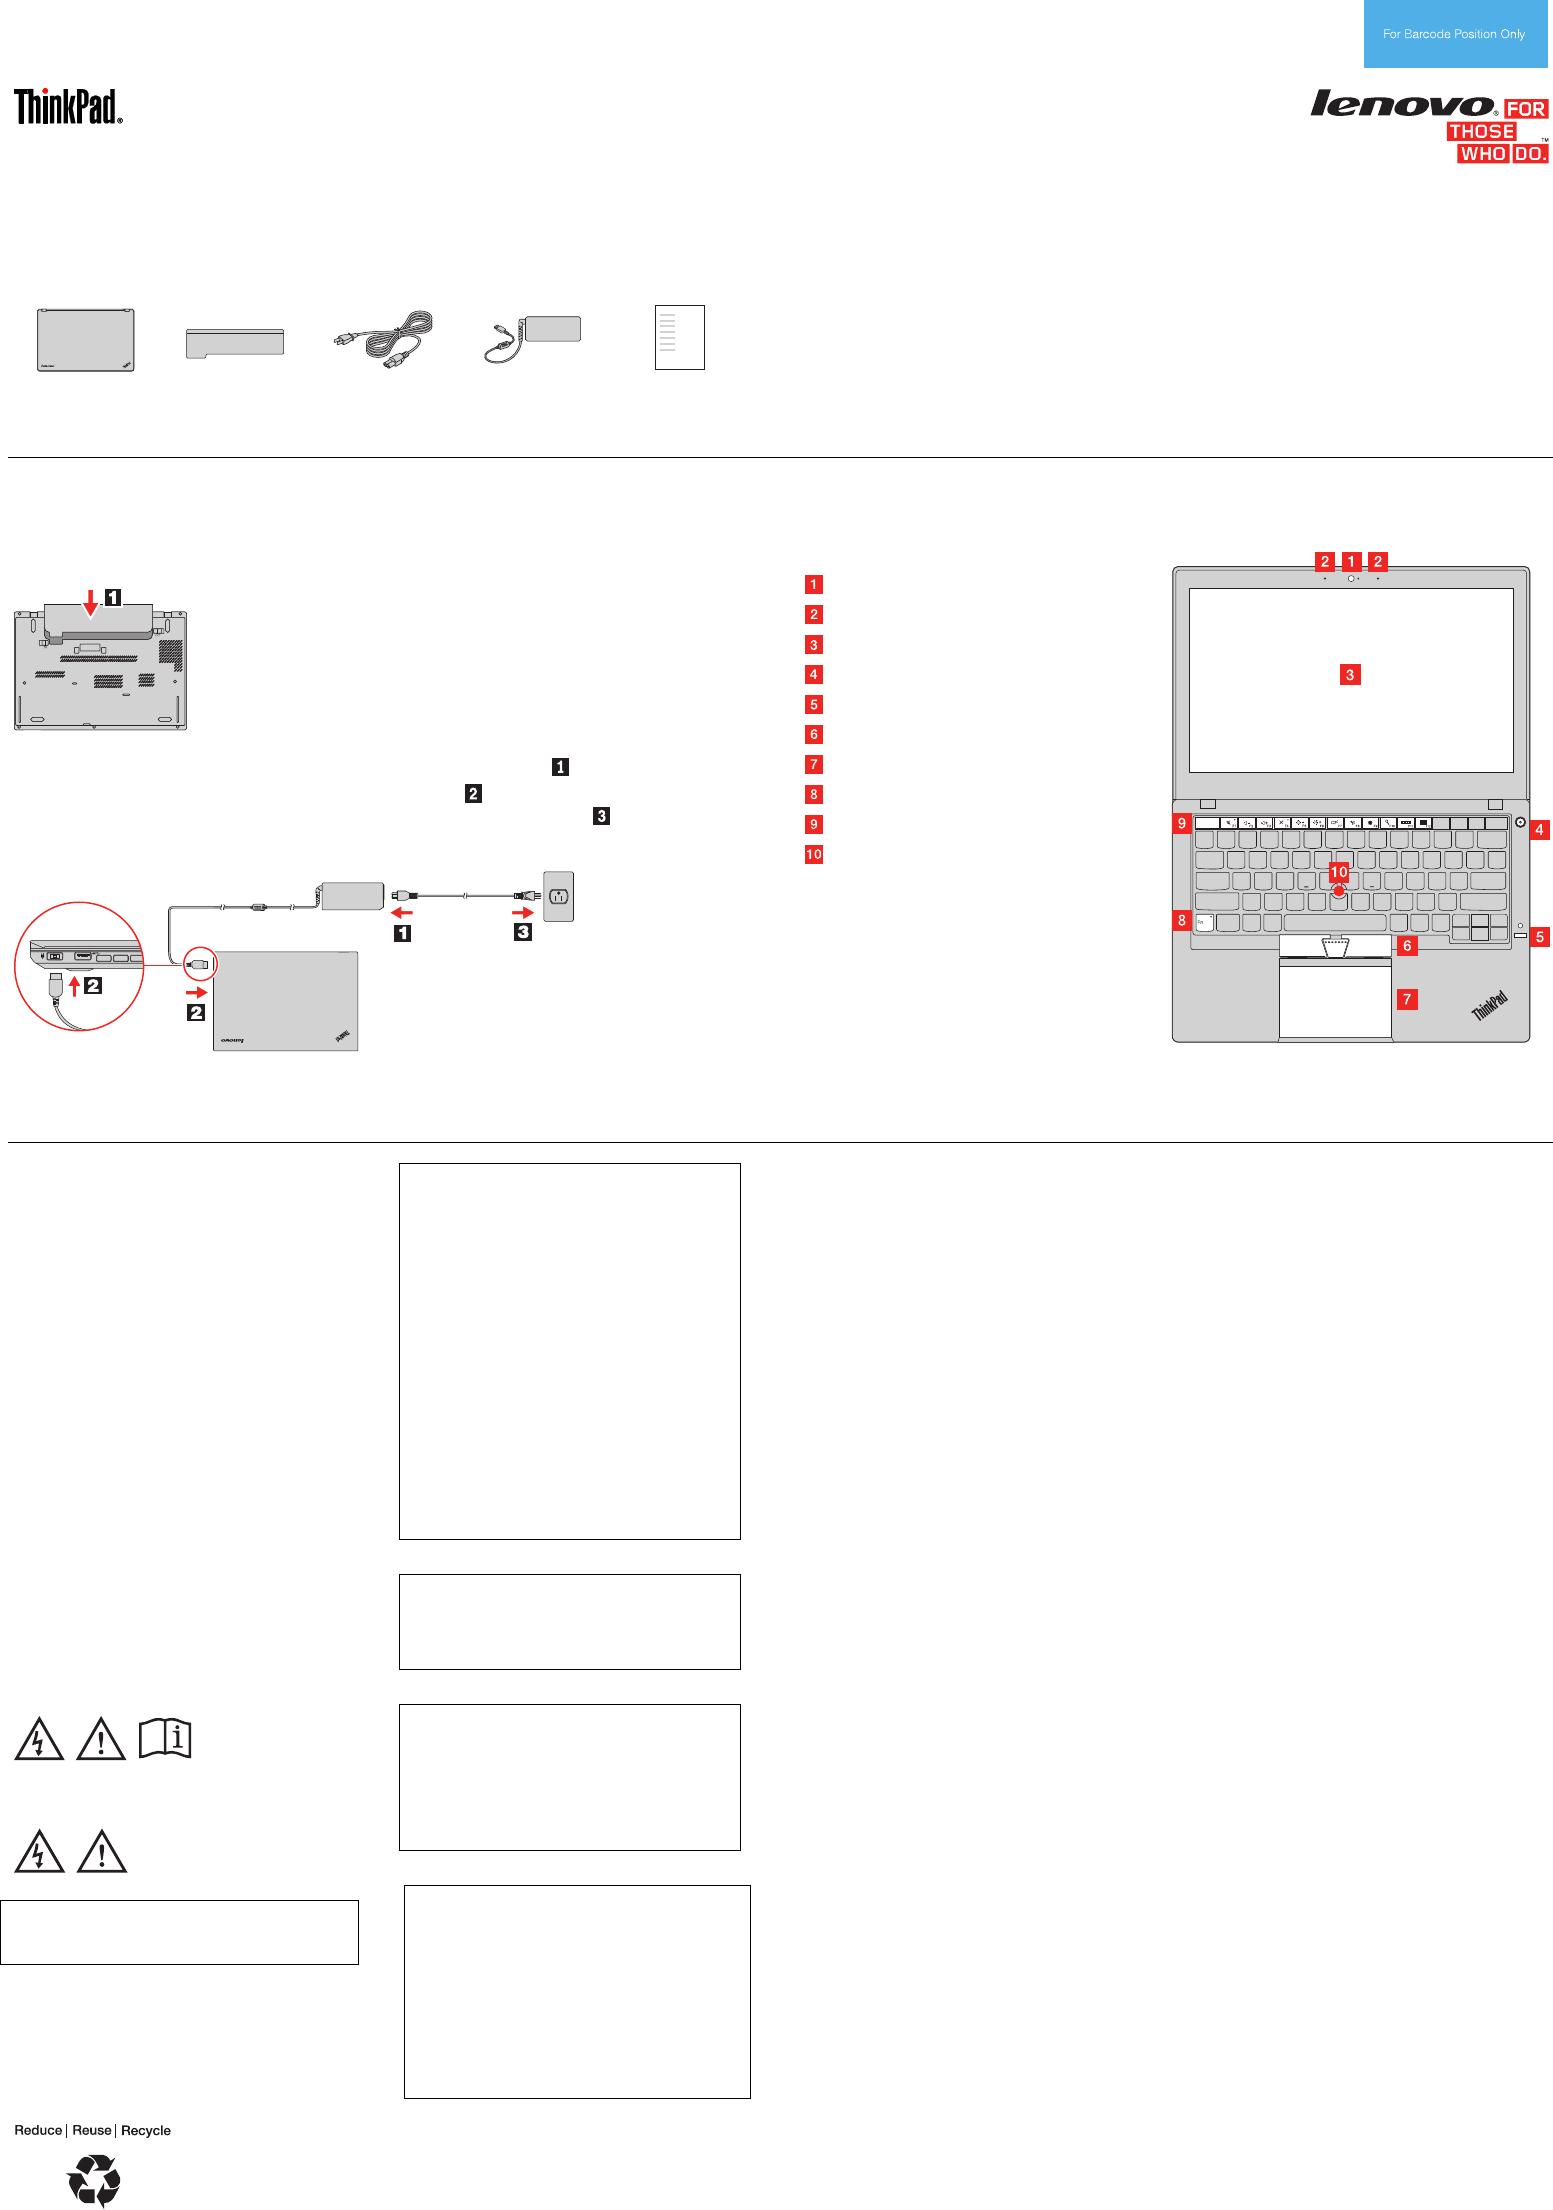 Lenovo T450 Swsg Es Sp40F12731 (Cobain2) User Manual